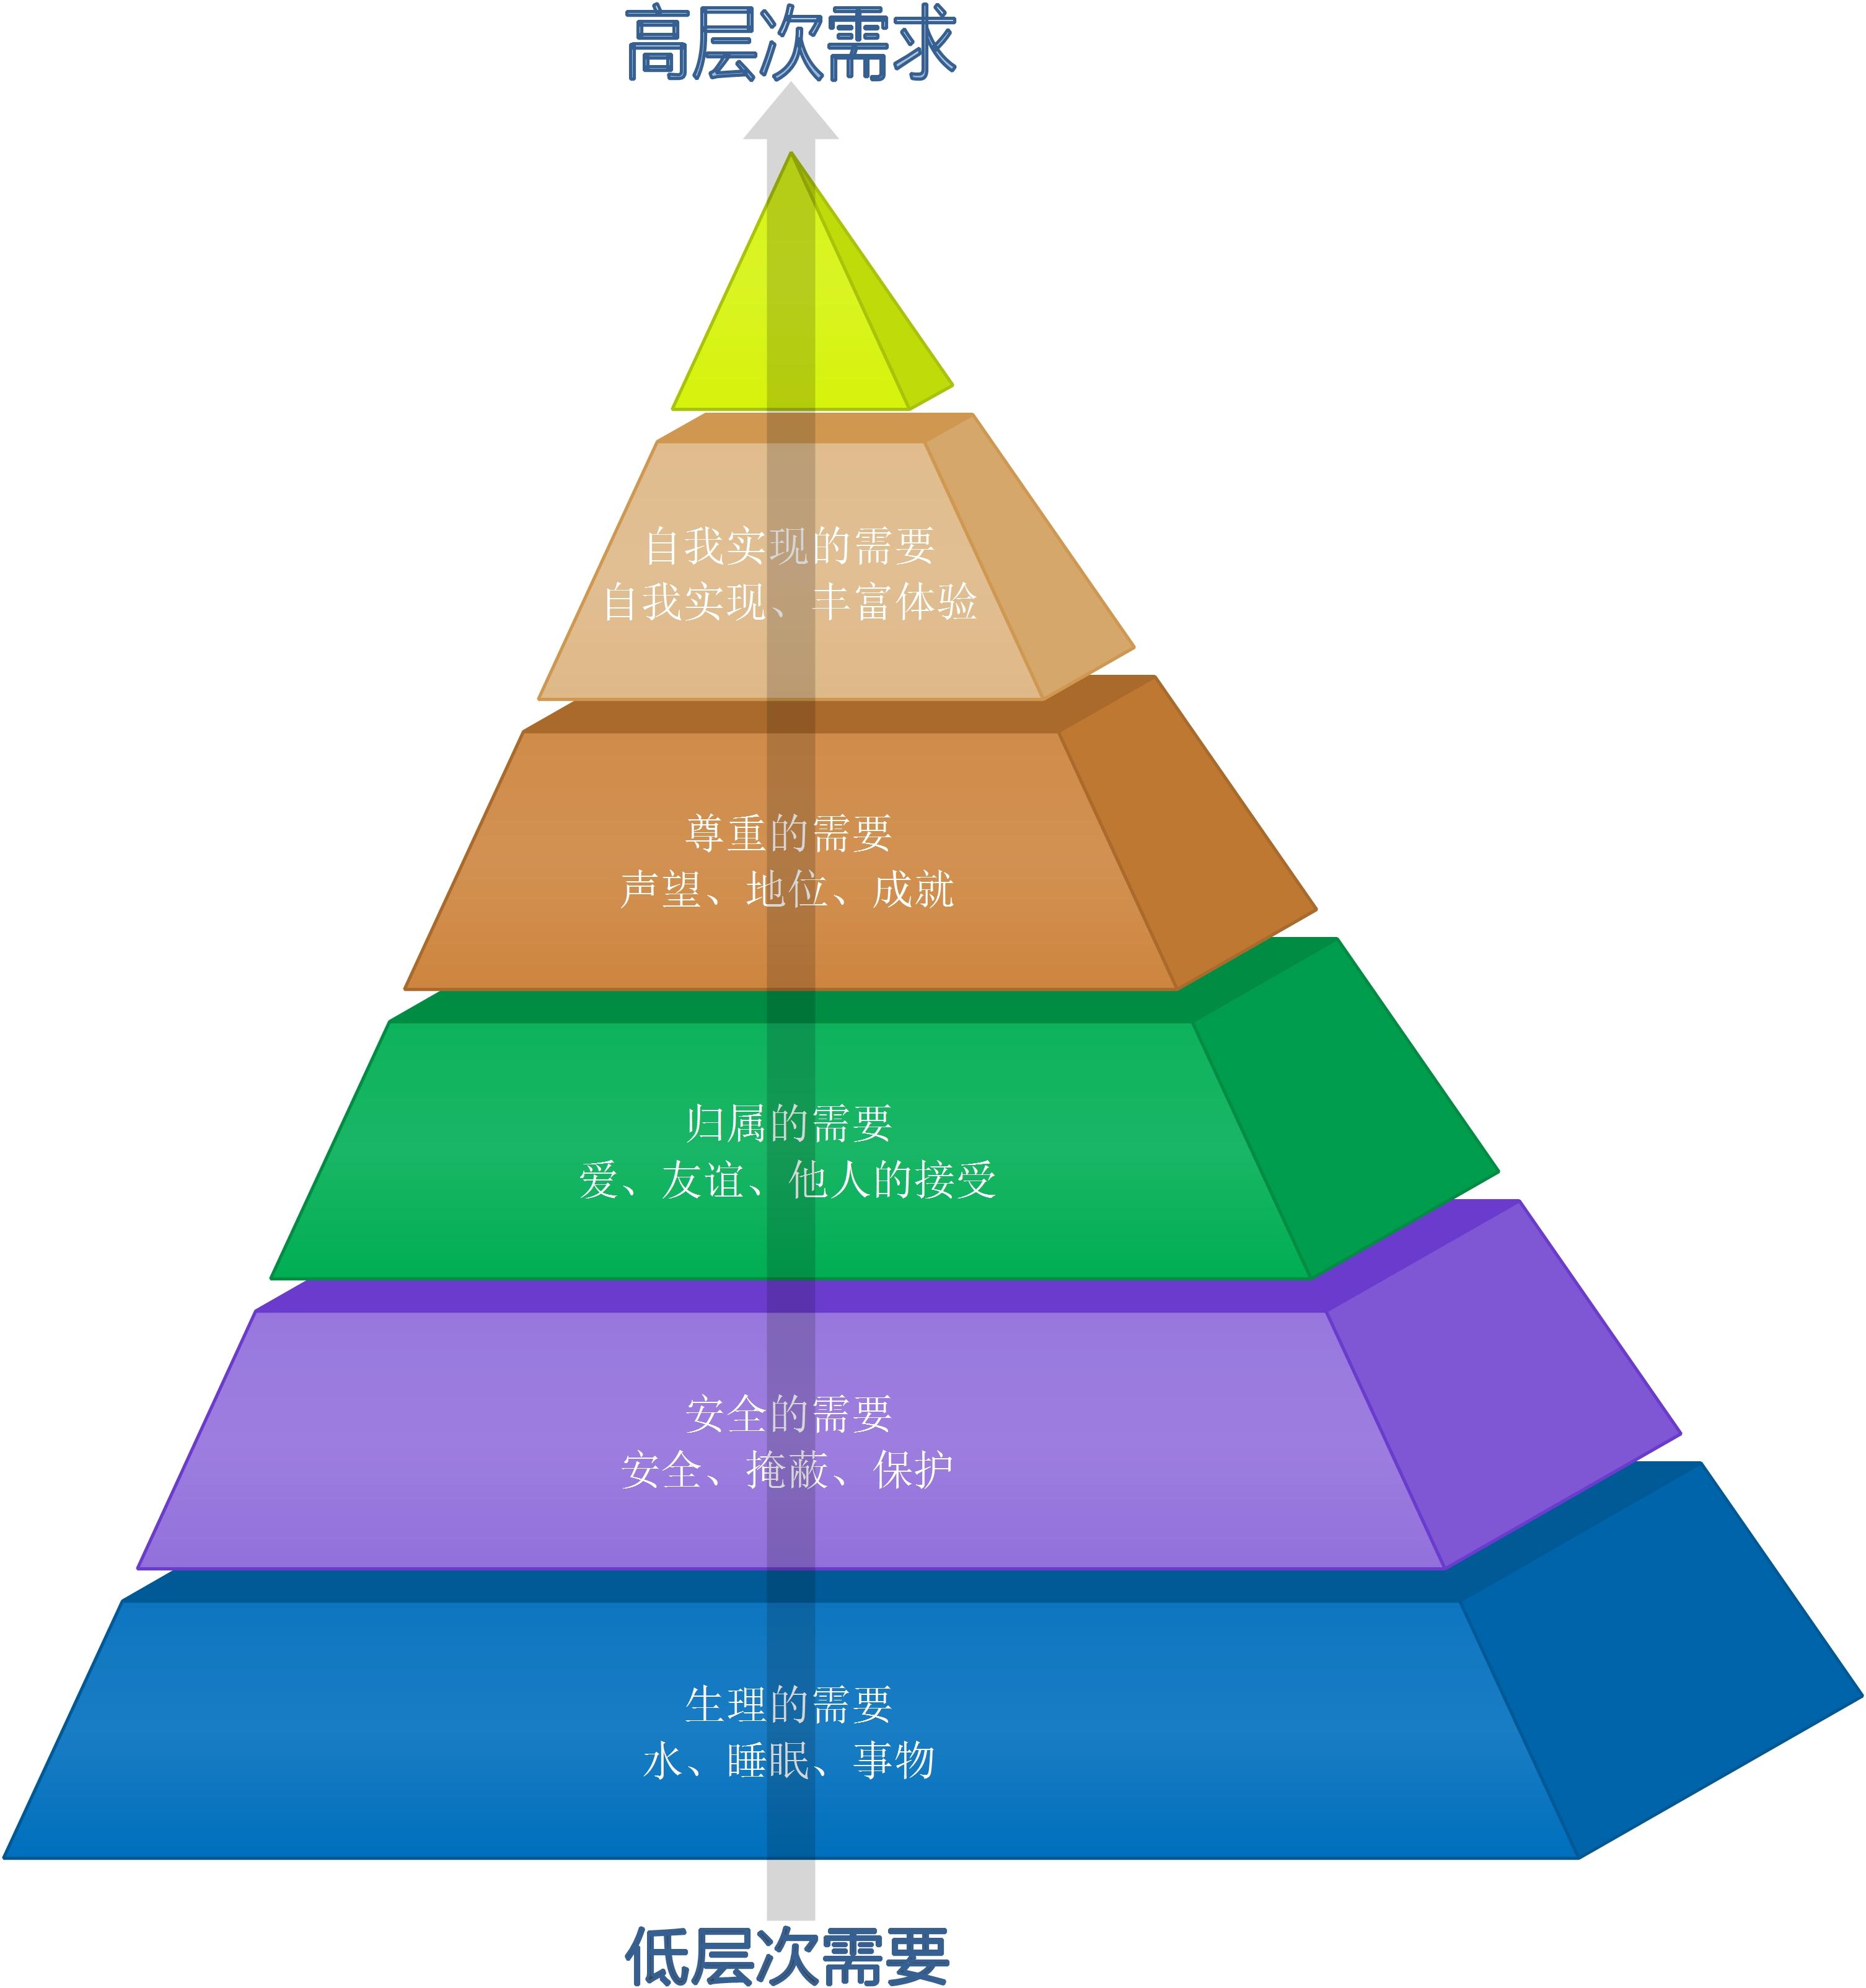 马斯洛改善需求等级划分,你在哪个层次?